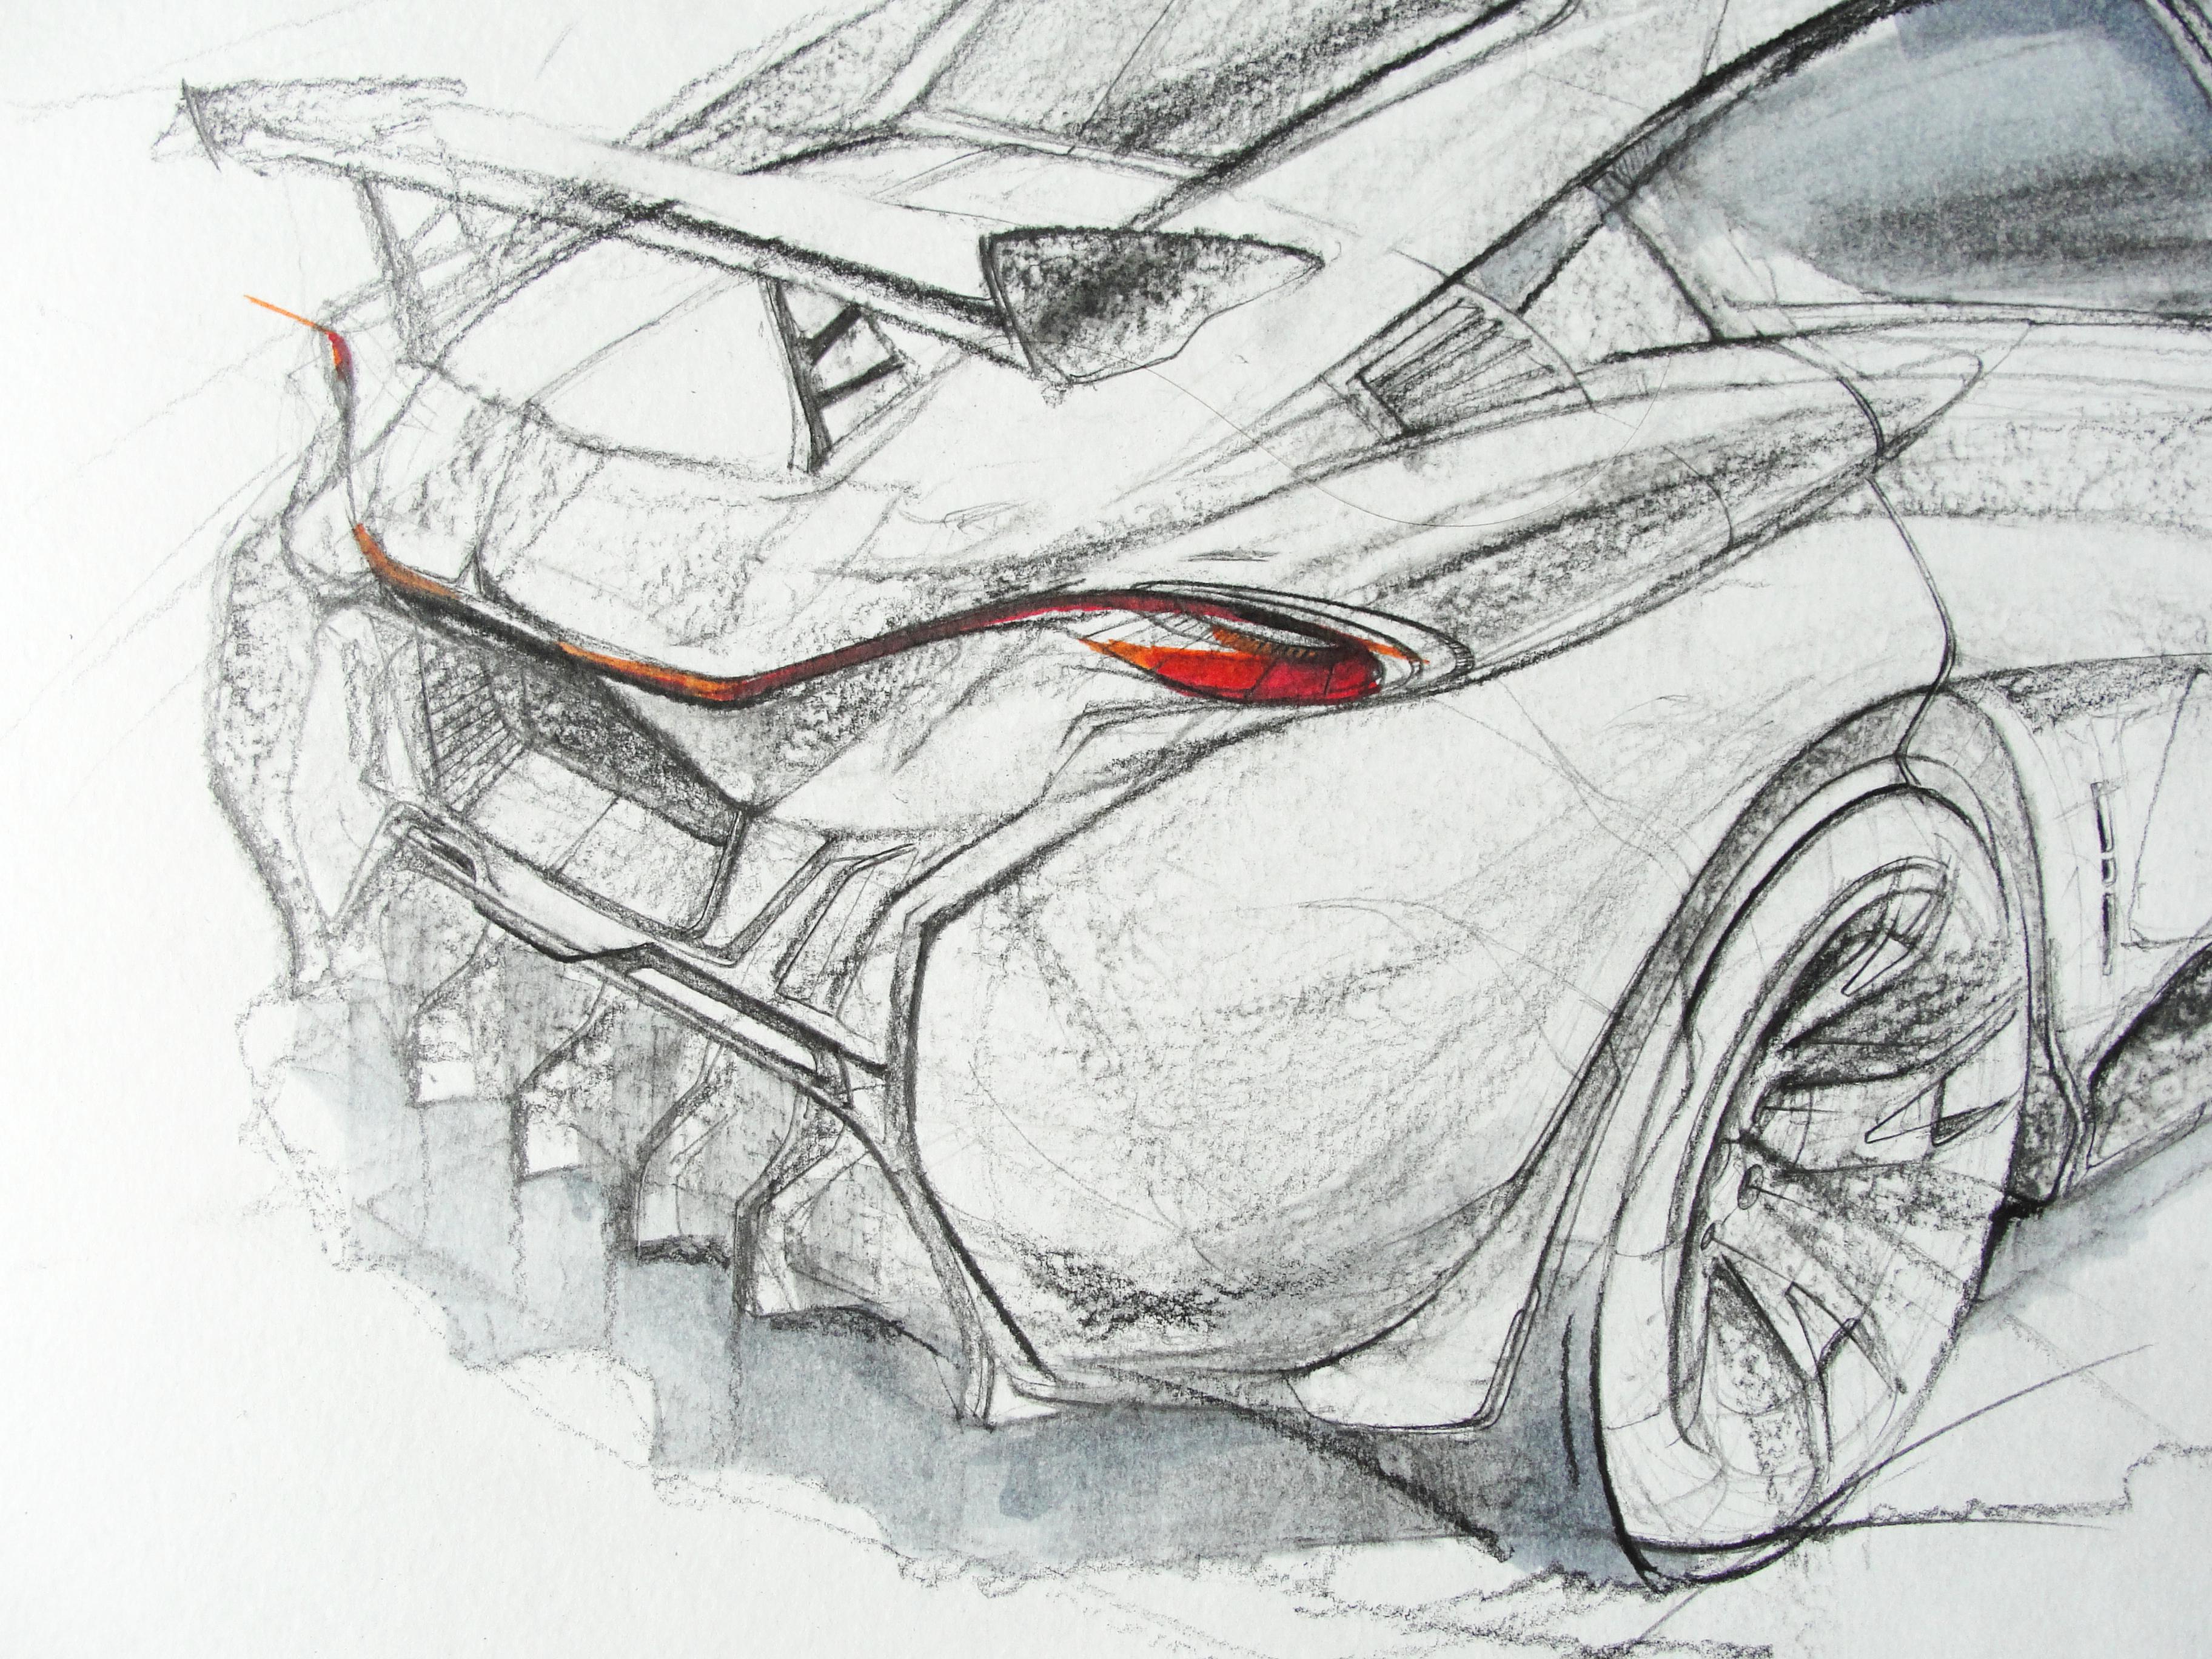 McLaren sketch